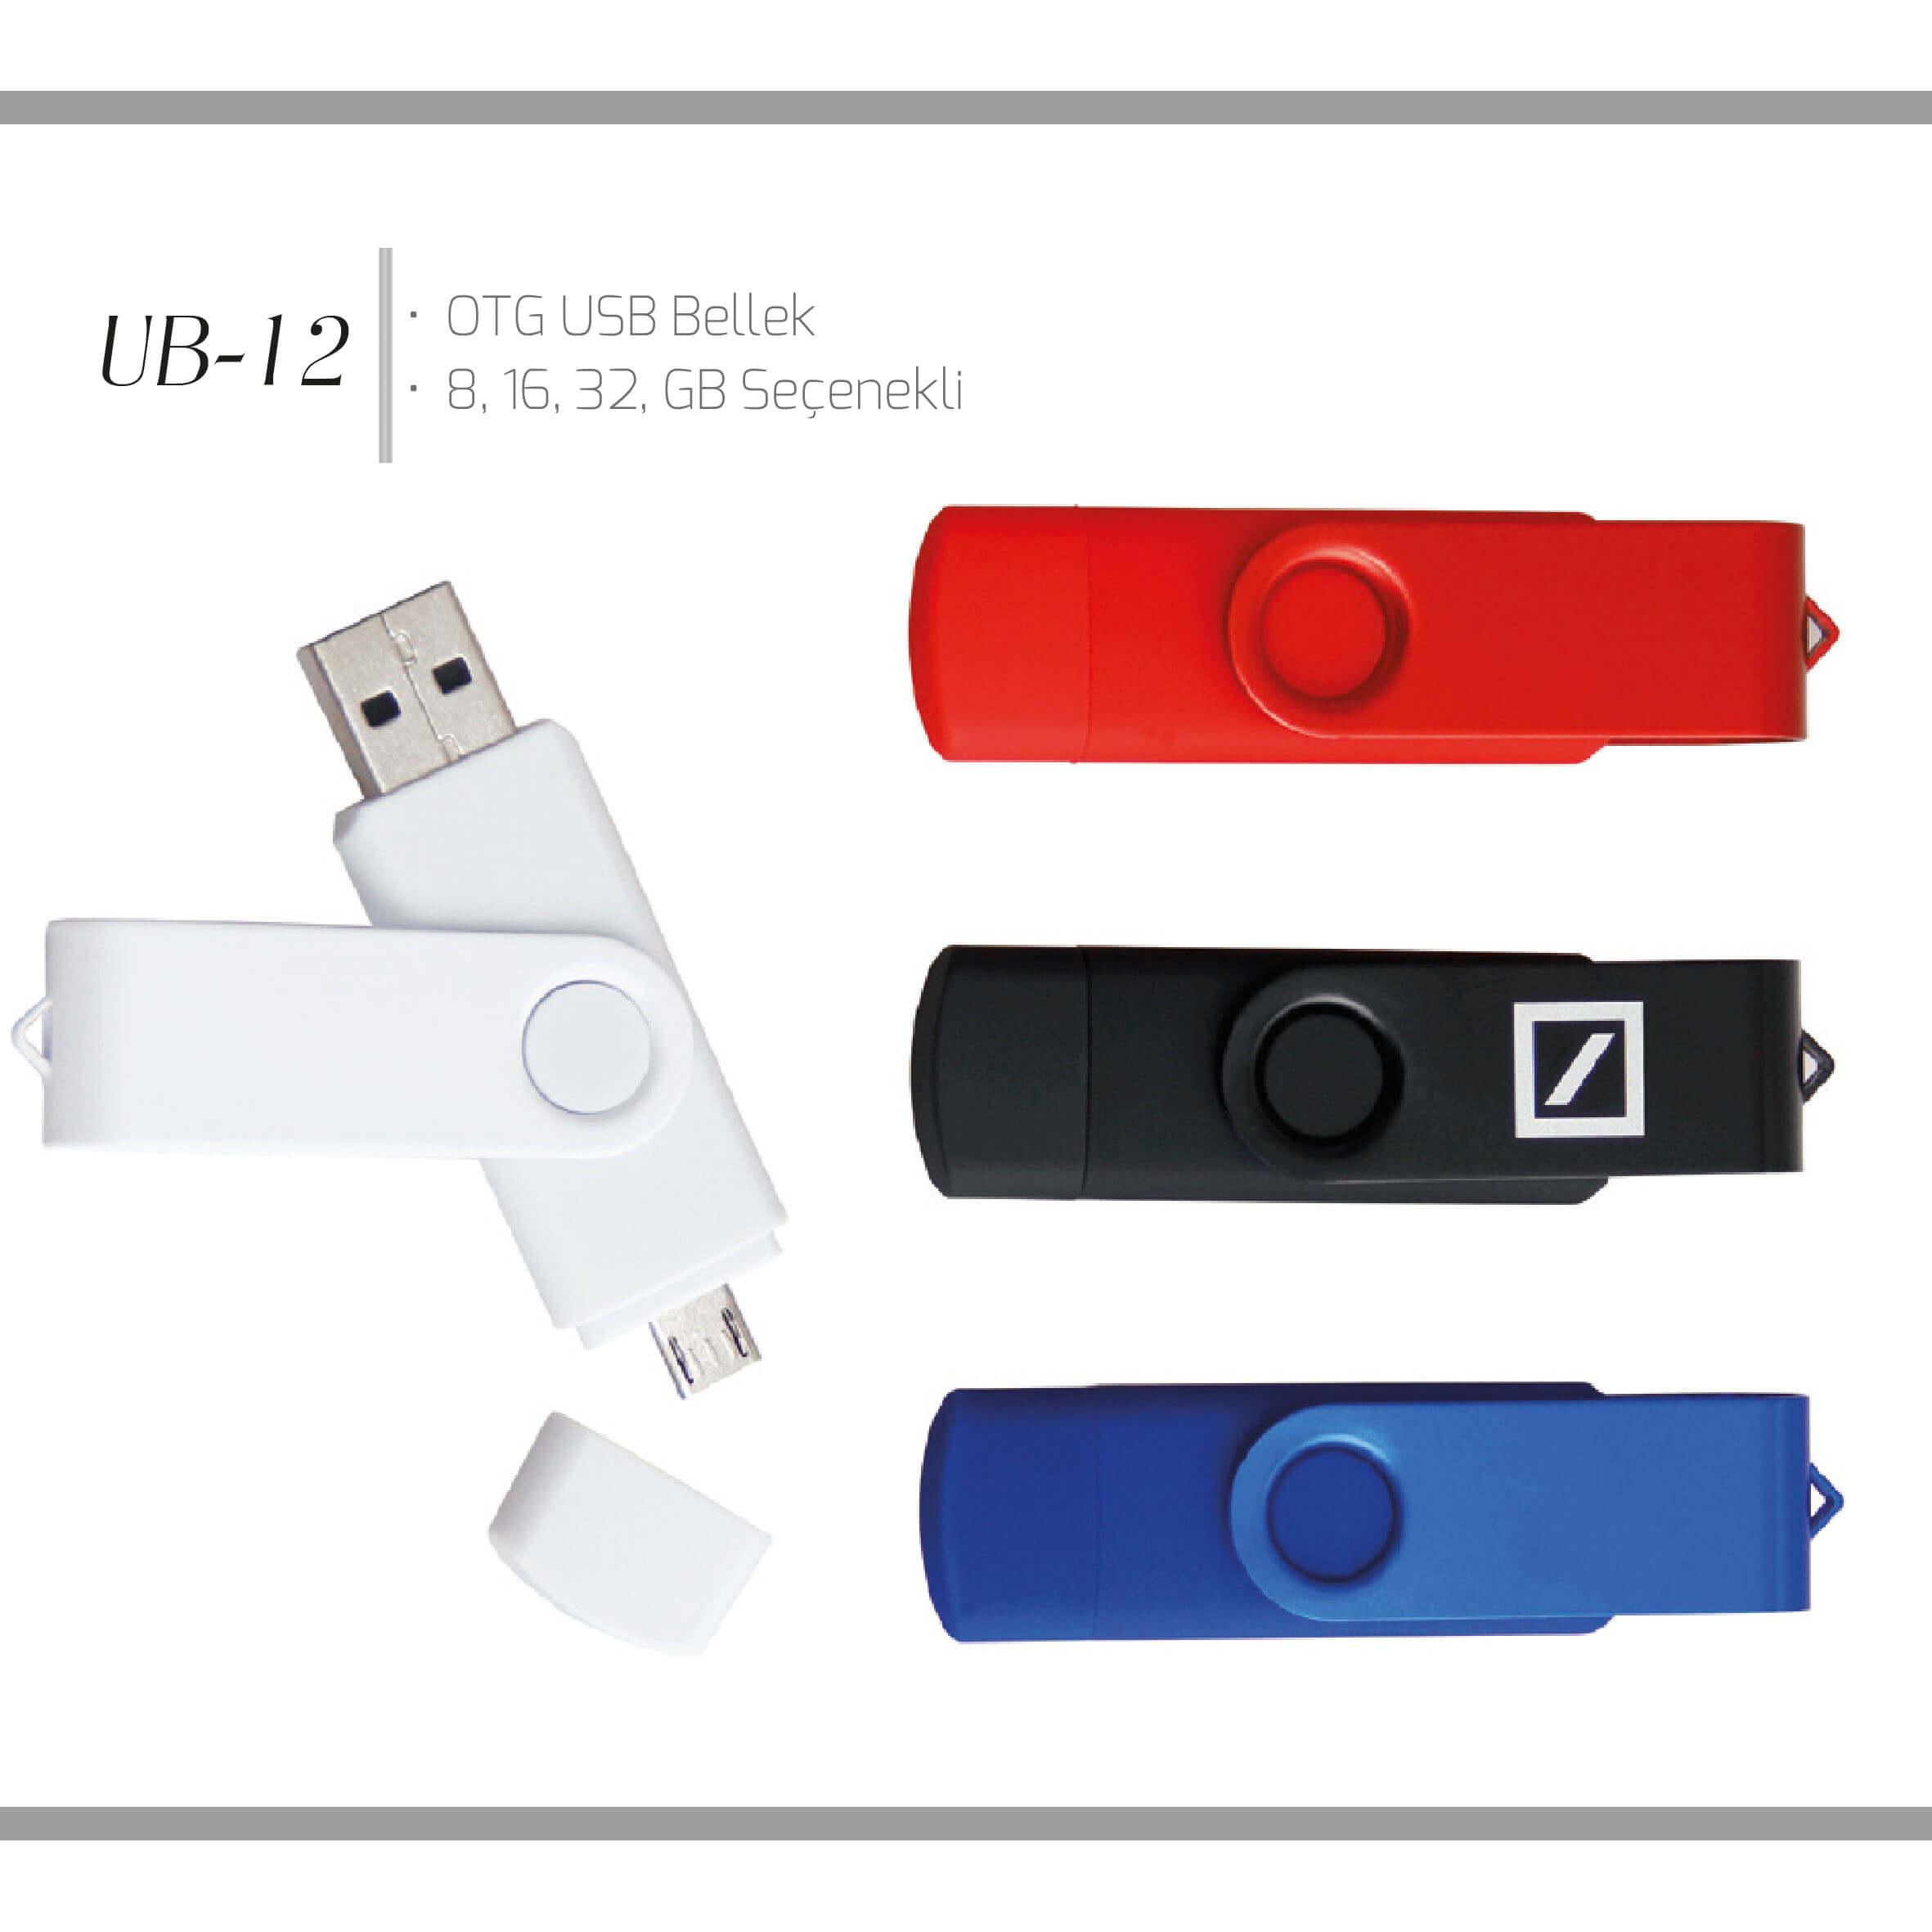 promosyon-promosyon ürünleri-usb bellek-promosyon UB-12